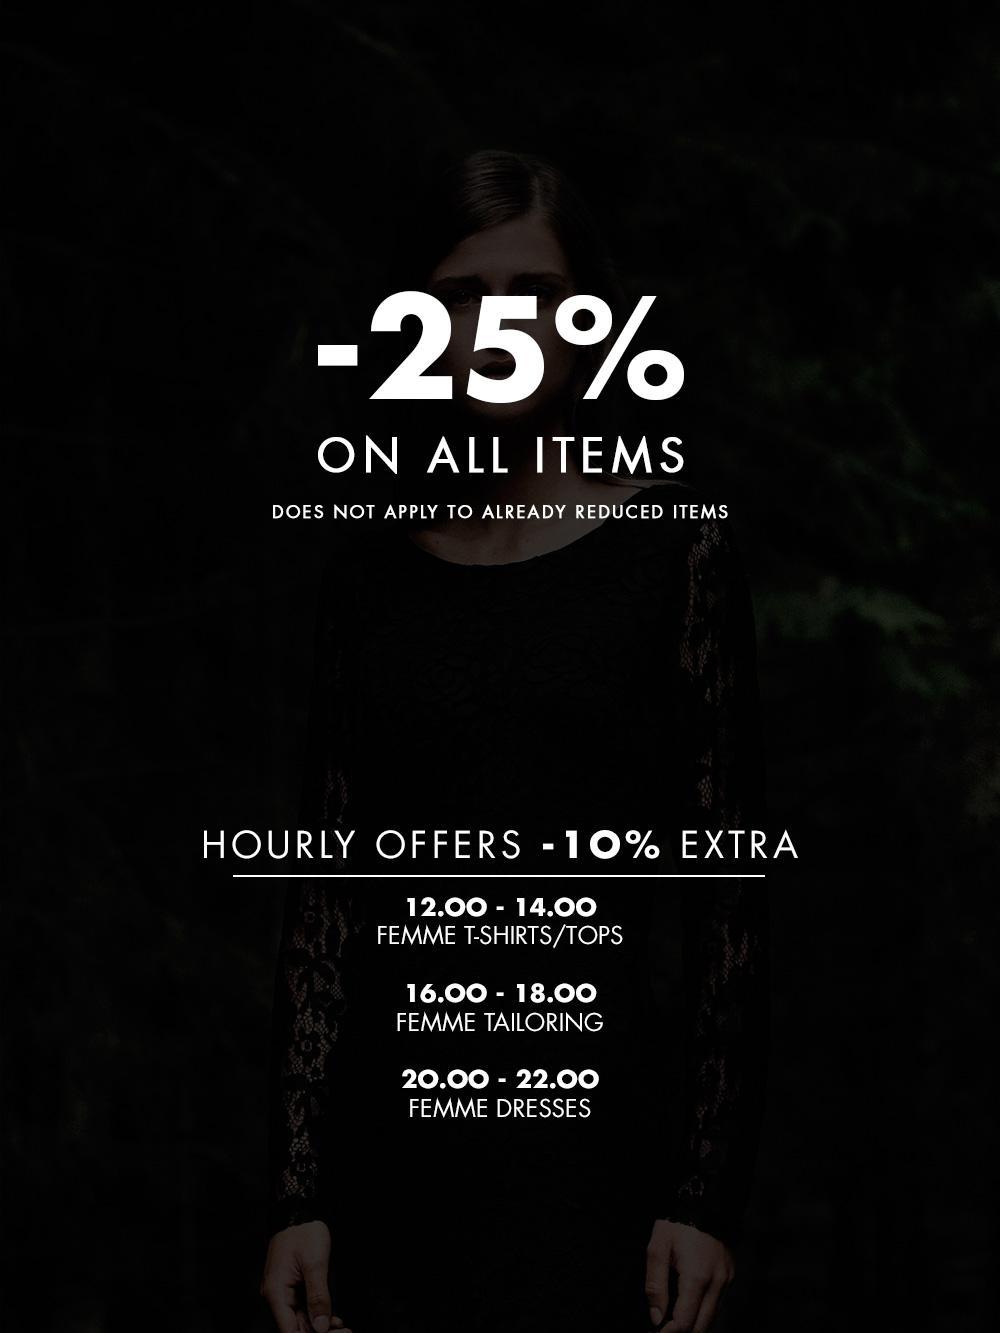 25% de réduction sur tout le site (hors promotions) + 10% de réduction supplémentaires par tranches horaires